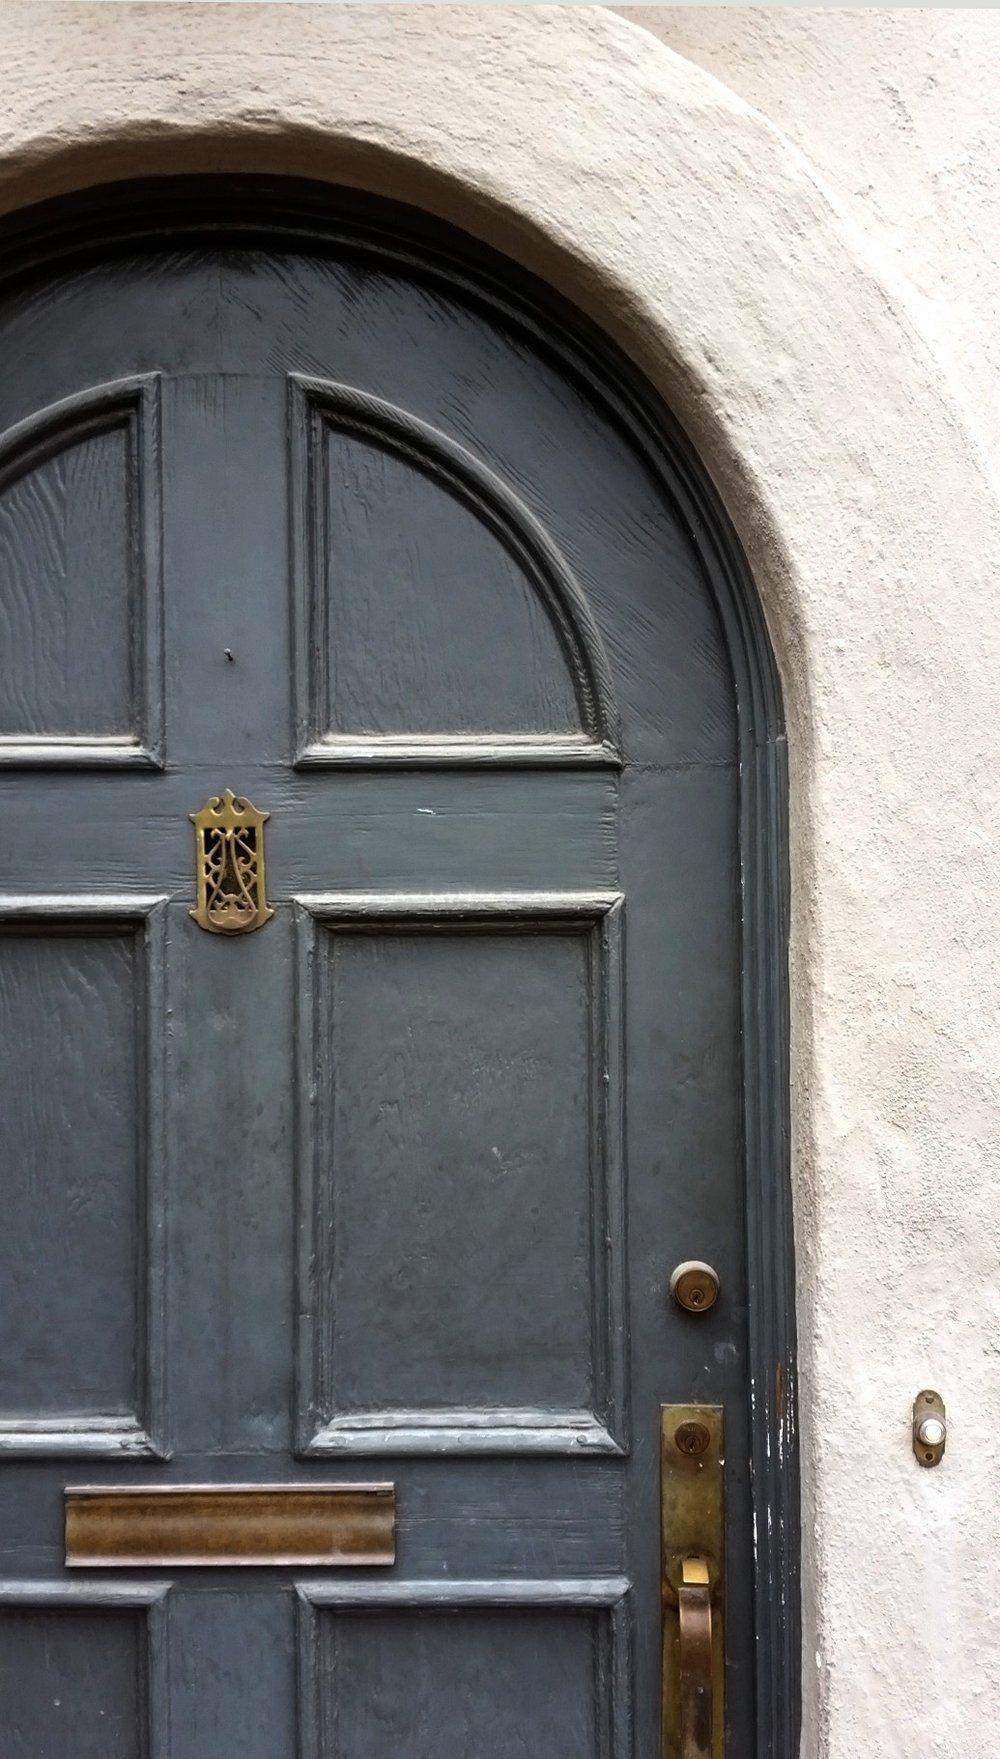 Slate Front Door Arched Front Door With Aged Brass Handle And Mail Slot Antique Door Byrd Design Creative Interior Design Arched Front Door Antique Door